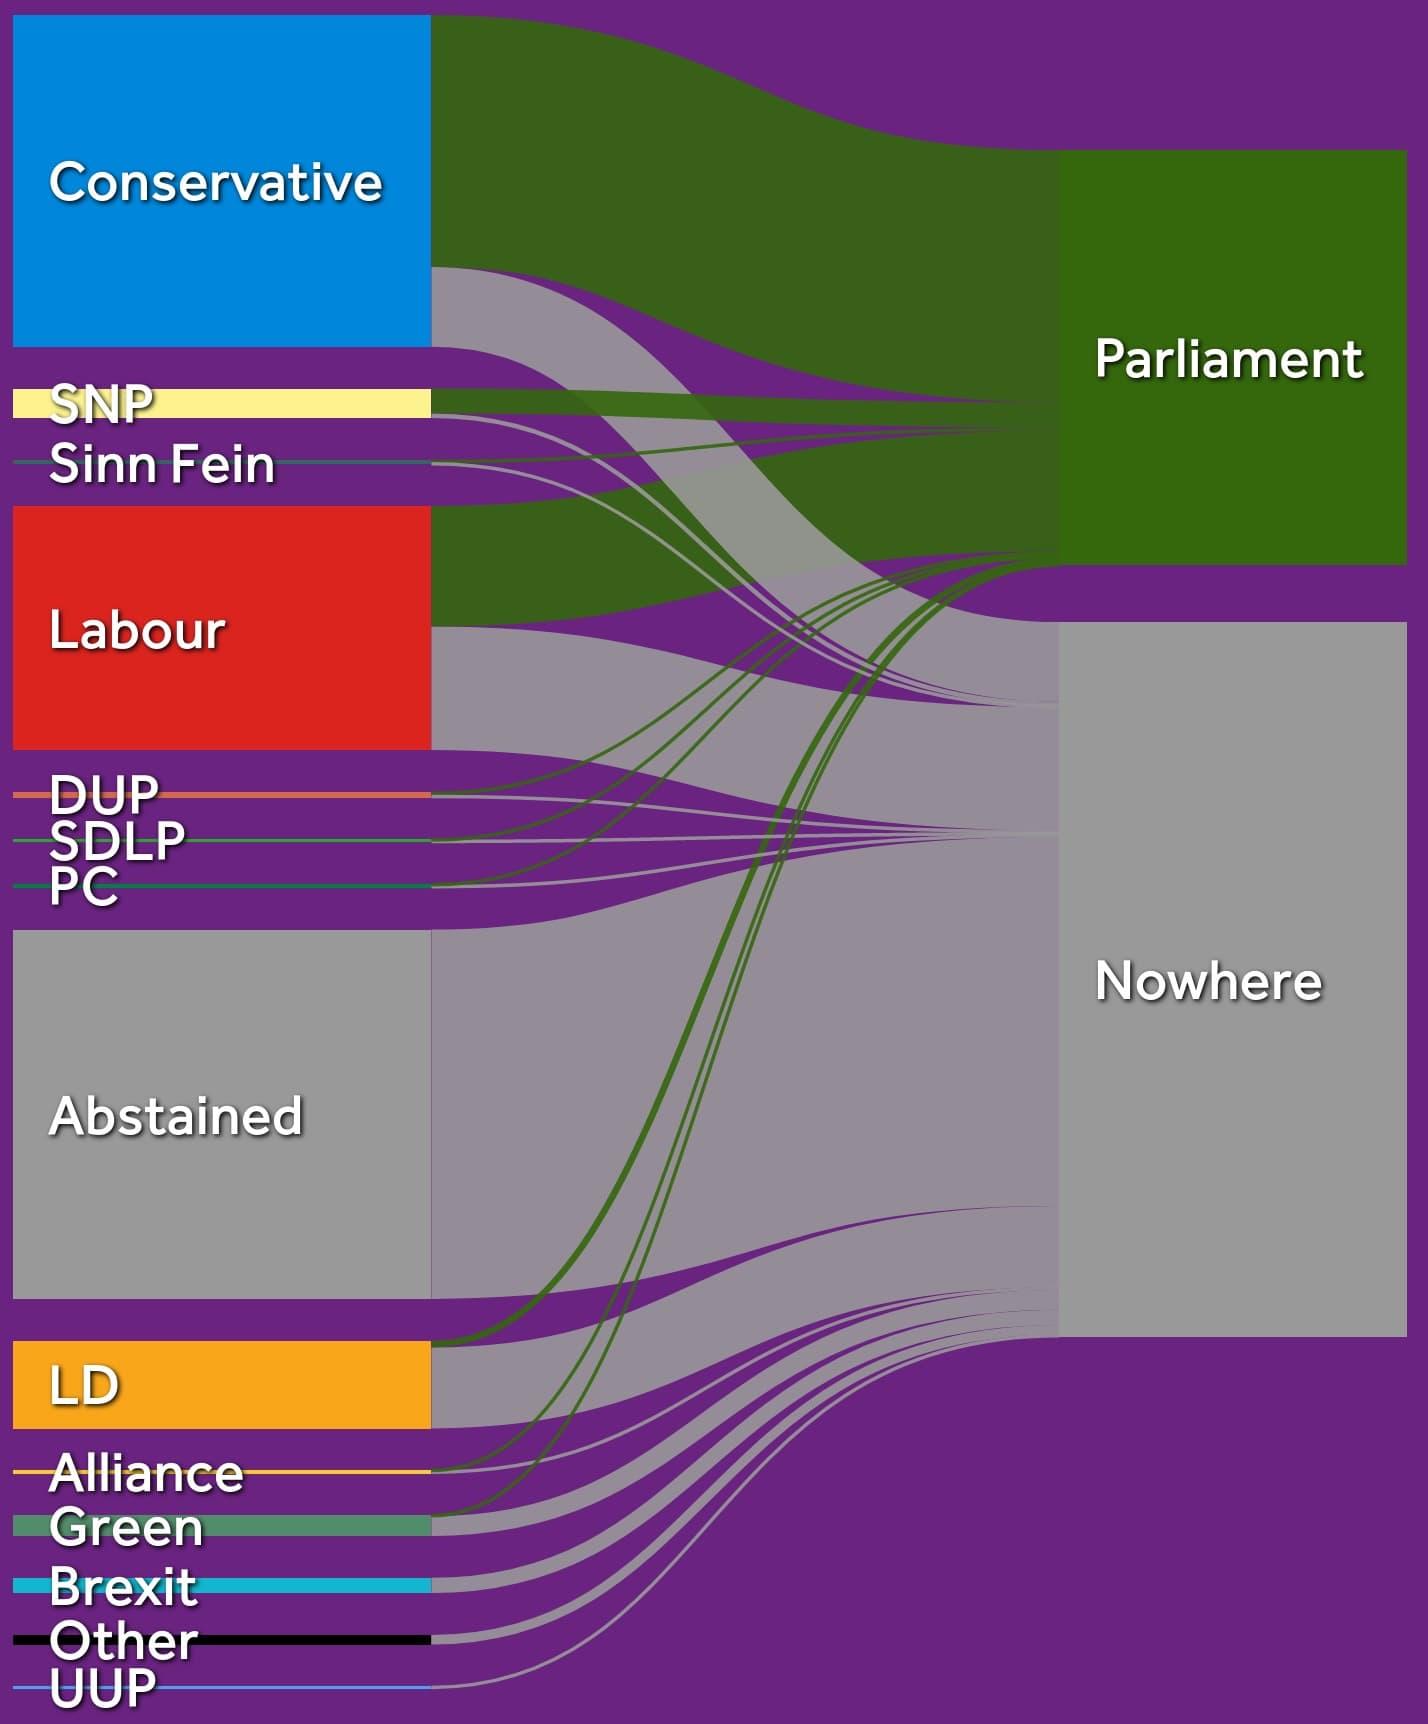 Where do votes go?